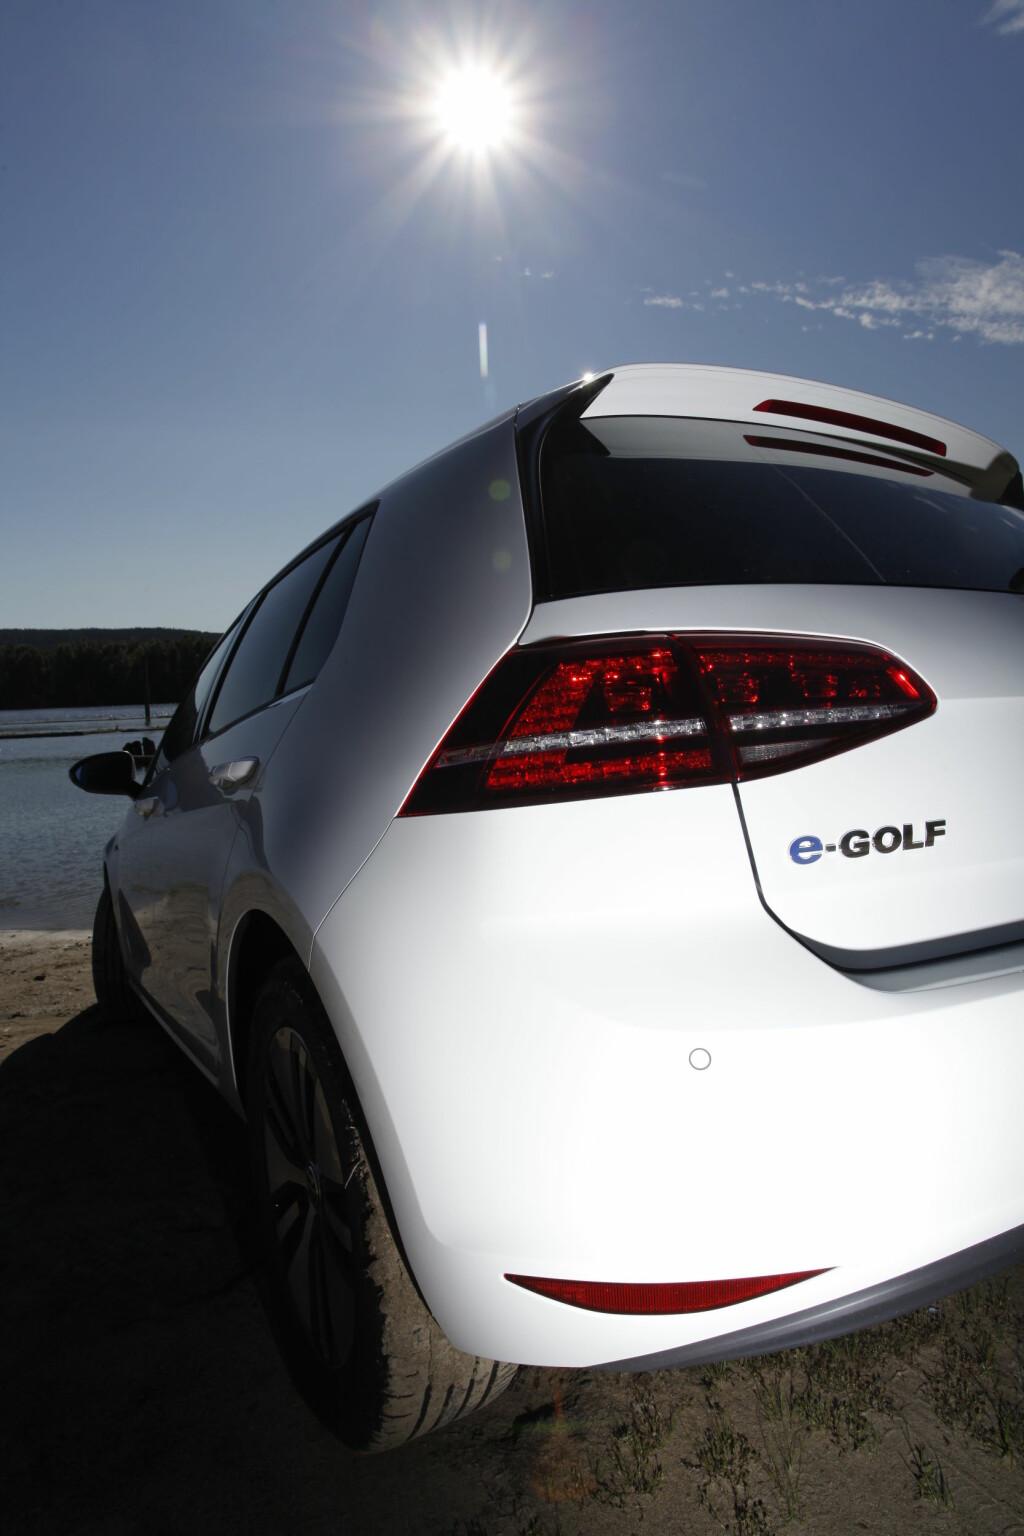 SOLER SEG I GLANSEN:  VW gjør nok noe helt riktig ved å la e-Golf se mest mulig ut som en vanlig bil. Du må nesten granske forskjellene.   Foto: Espen Stensrud / Autofil